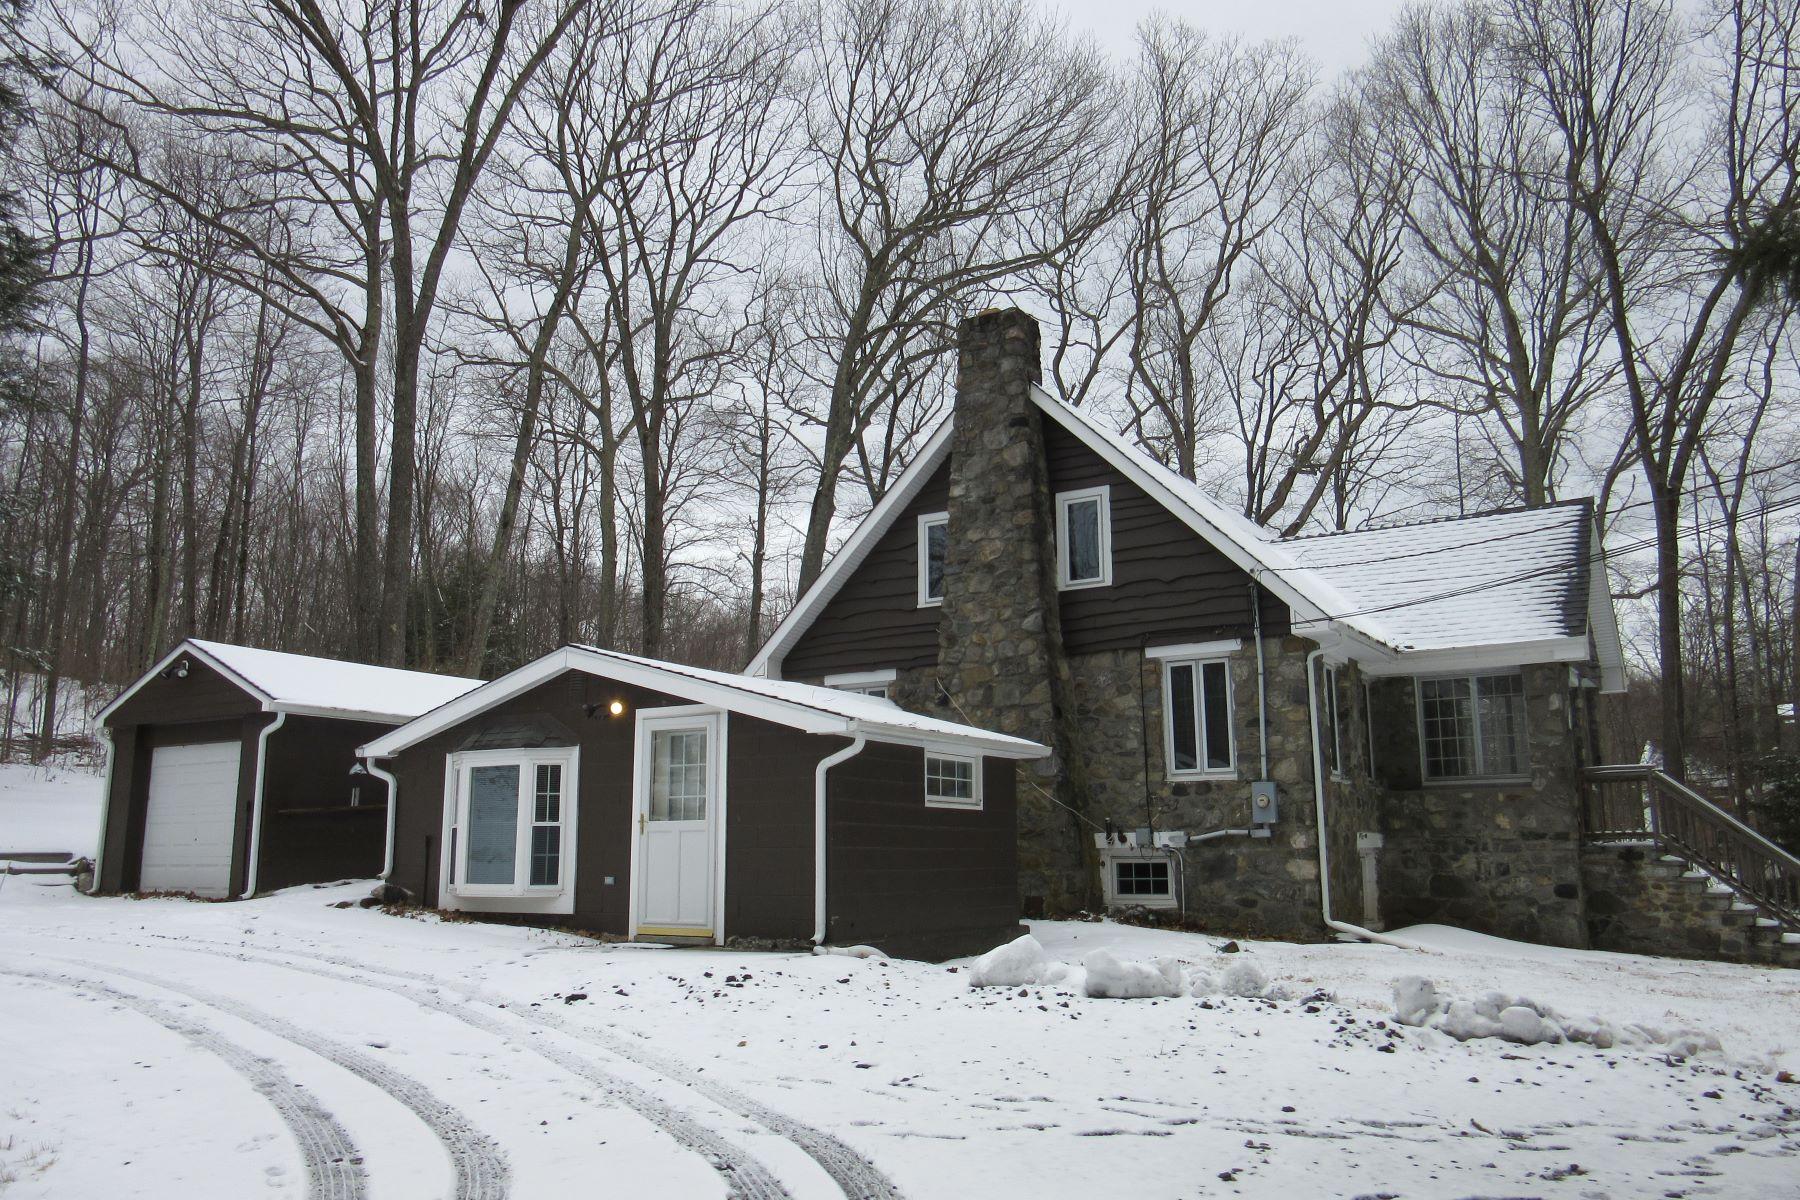 Частный односемейный дом для того Продажа на Stone And Wood Cape 8 Perry Ln Oxford, Коннектикут 06478 Соединенные Штаты